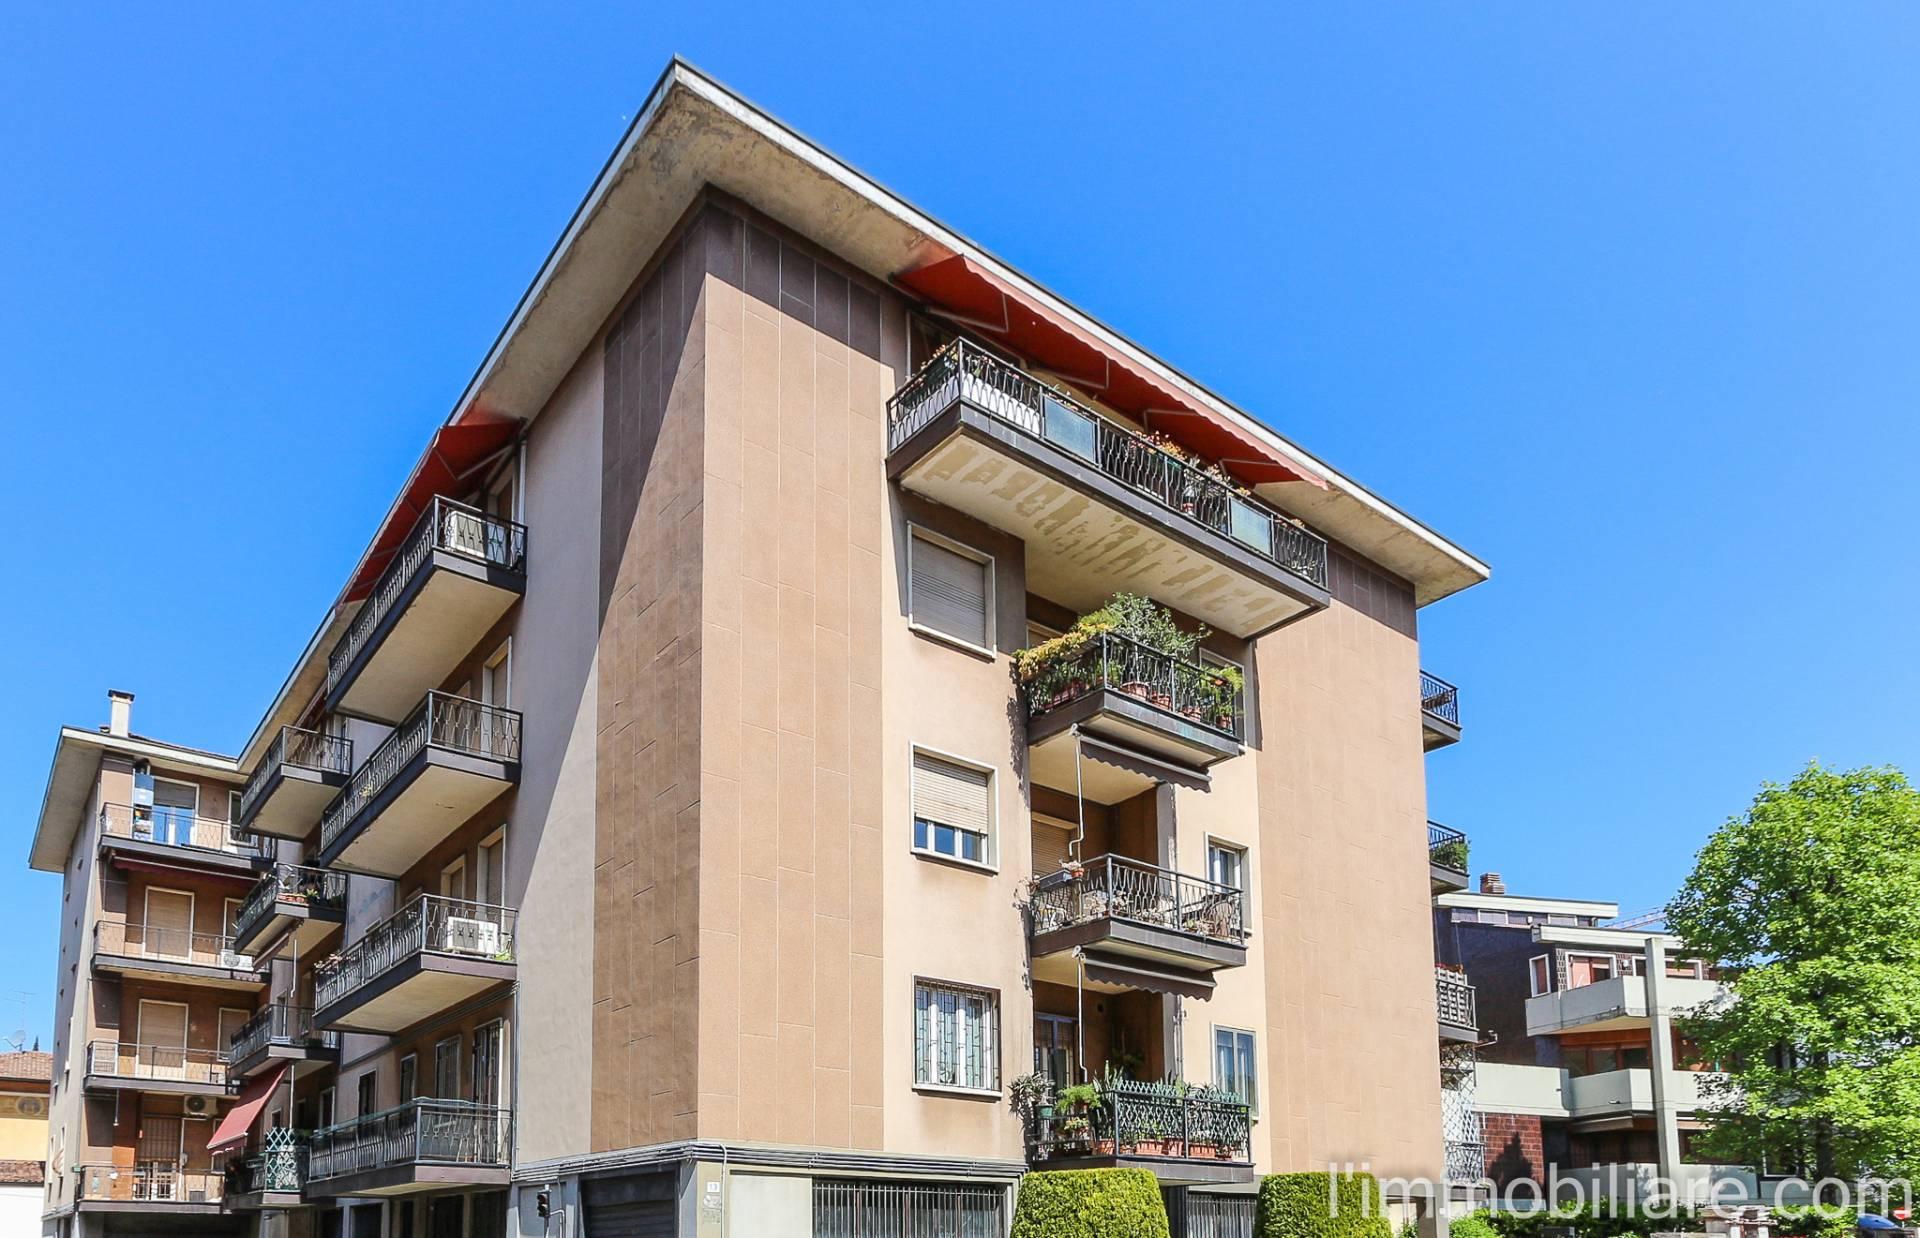 Quadrilocale in Affitto a Verona